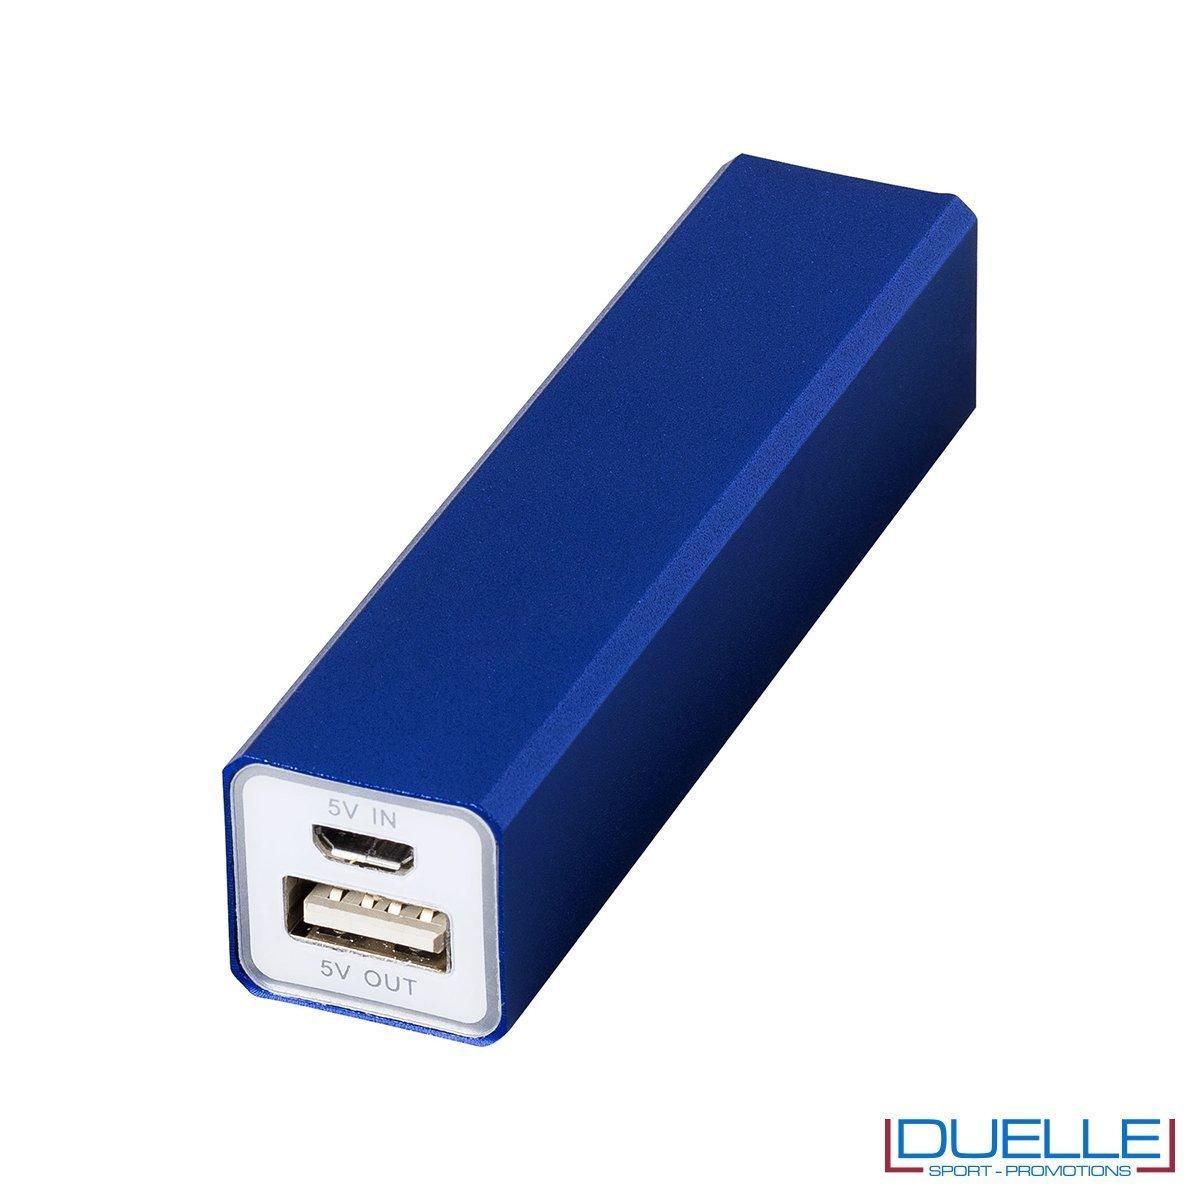 powerbank personalizzato 2200 mAh in alluminio blu, powerbank per smartphone personalizzato